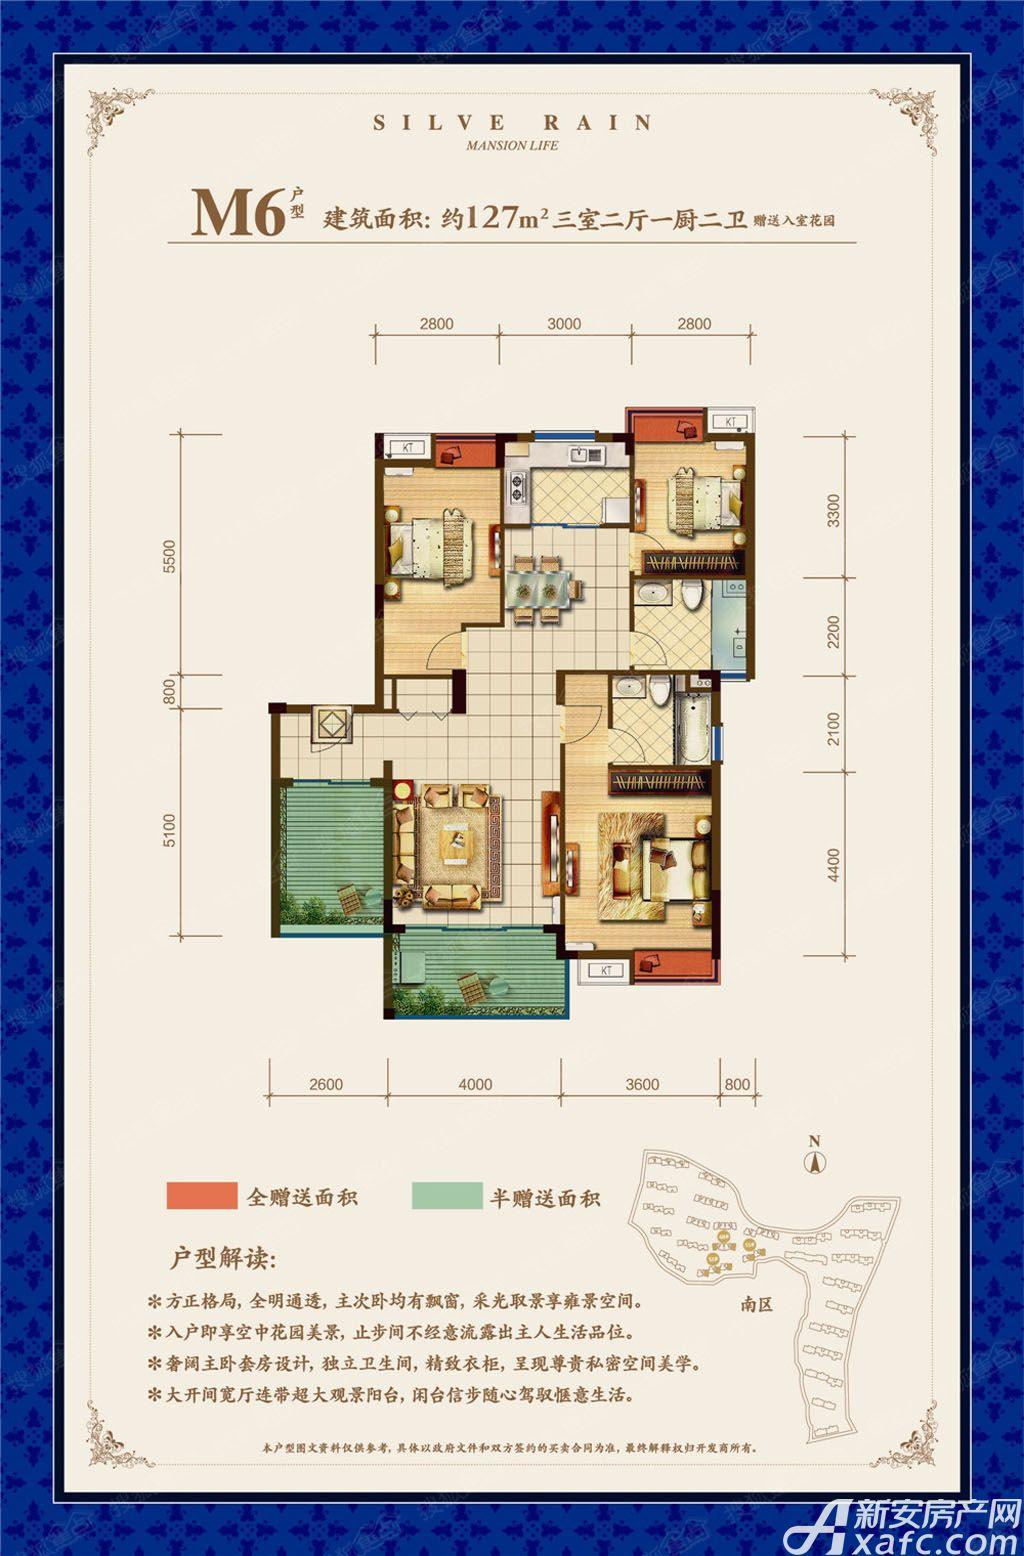 雨润星雨华府M6户型3室2厅127平米